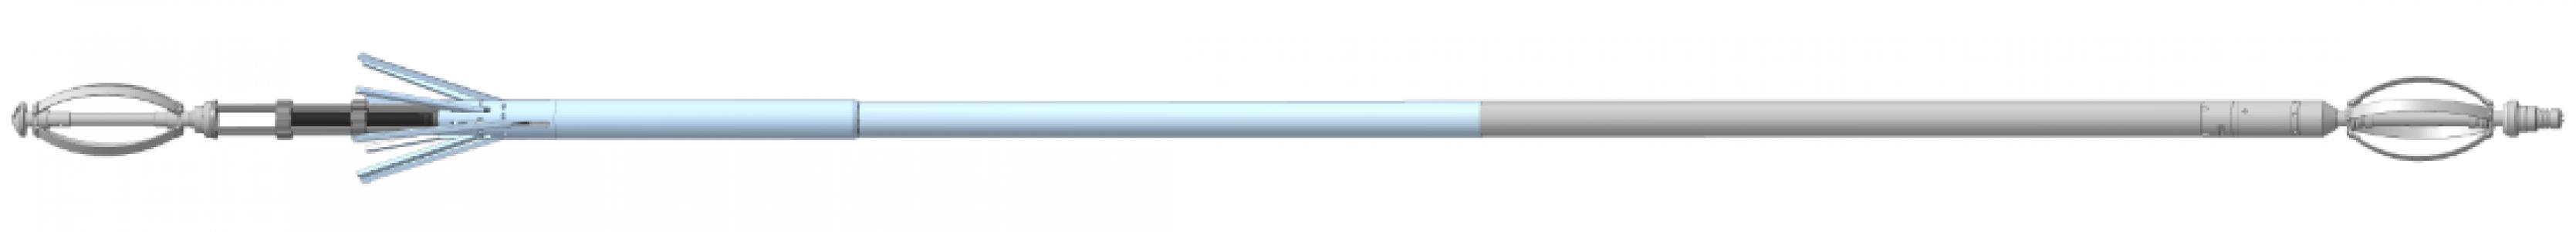 Профилемер скважинный трубный ПФТ-80-8+ГК+ЛМ, ПФТ-80-8+ГК+ЛМ-Т